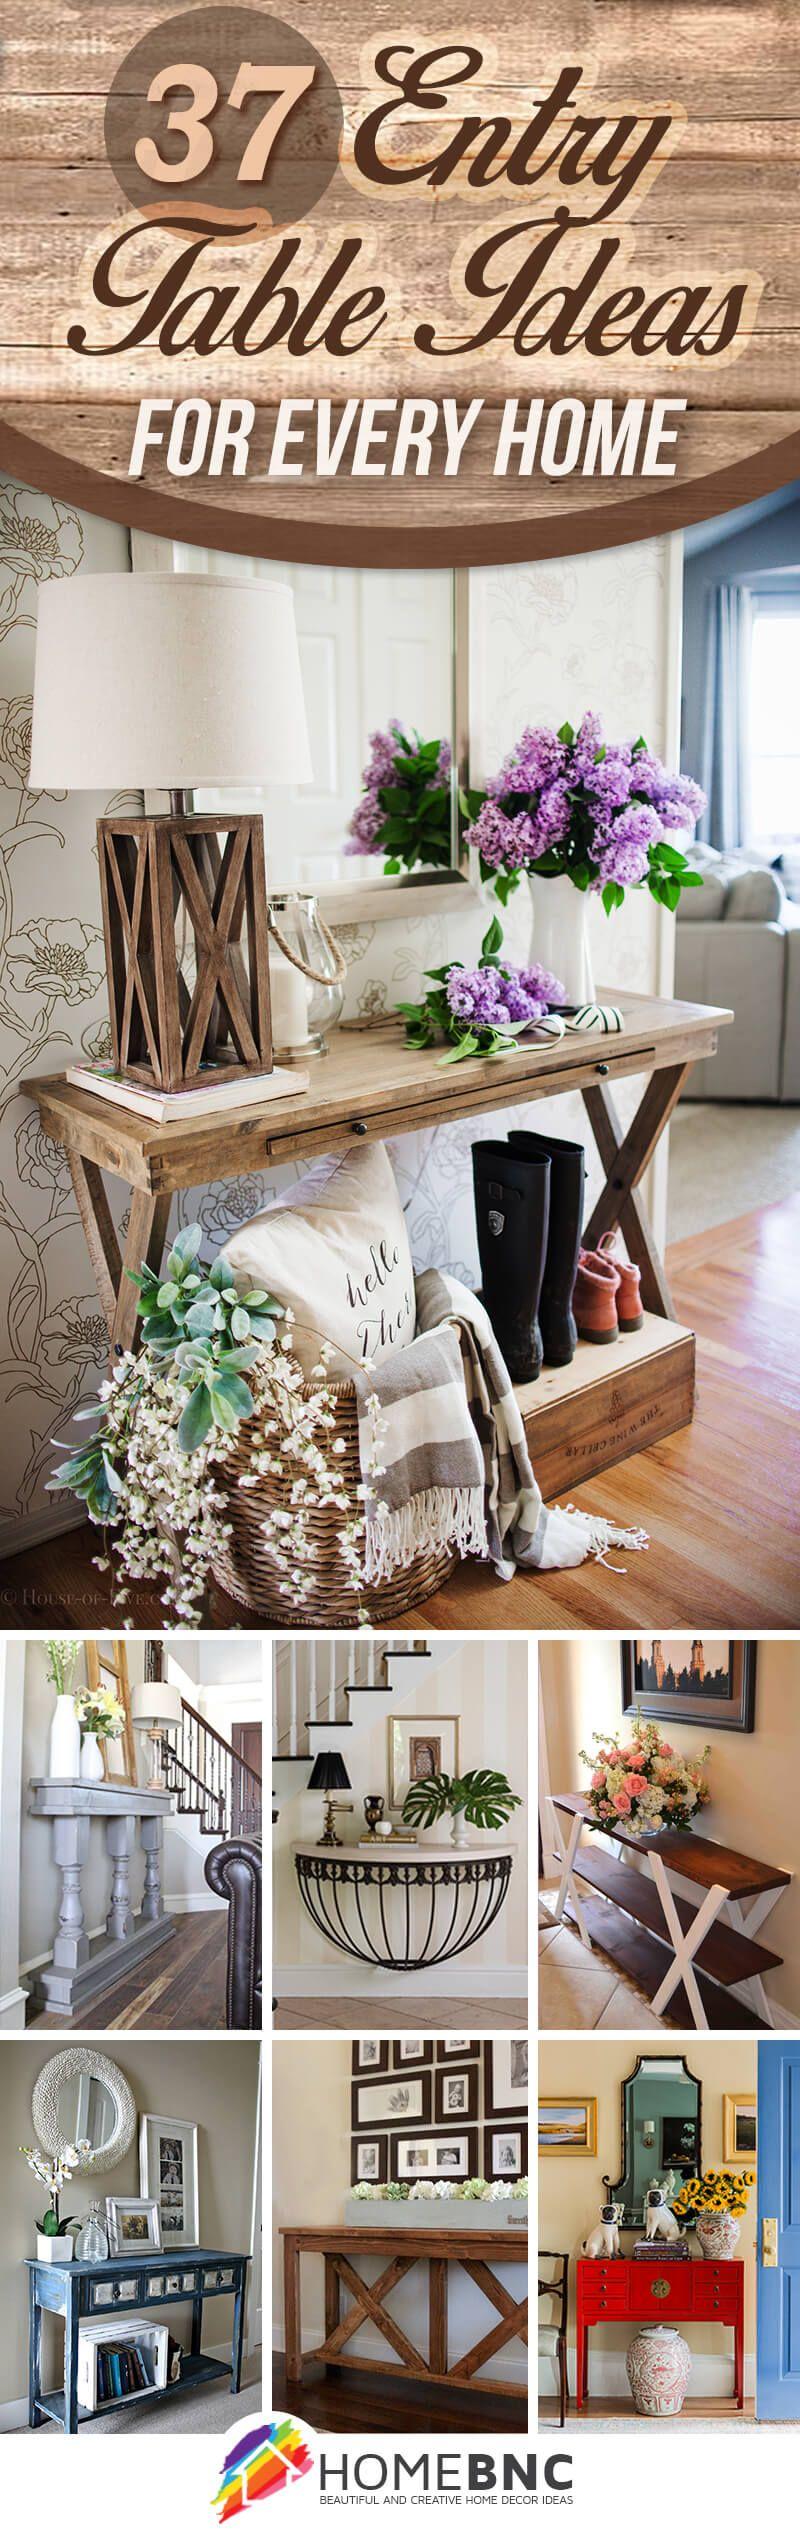 Dise os entrada de la tabla de poca muebles de for Gabinete de zapatos para la entrada